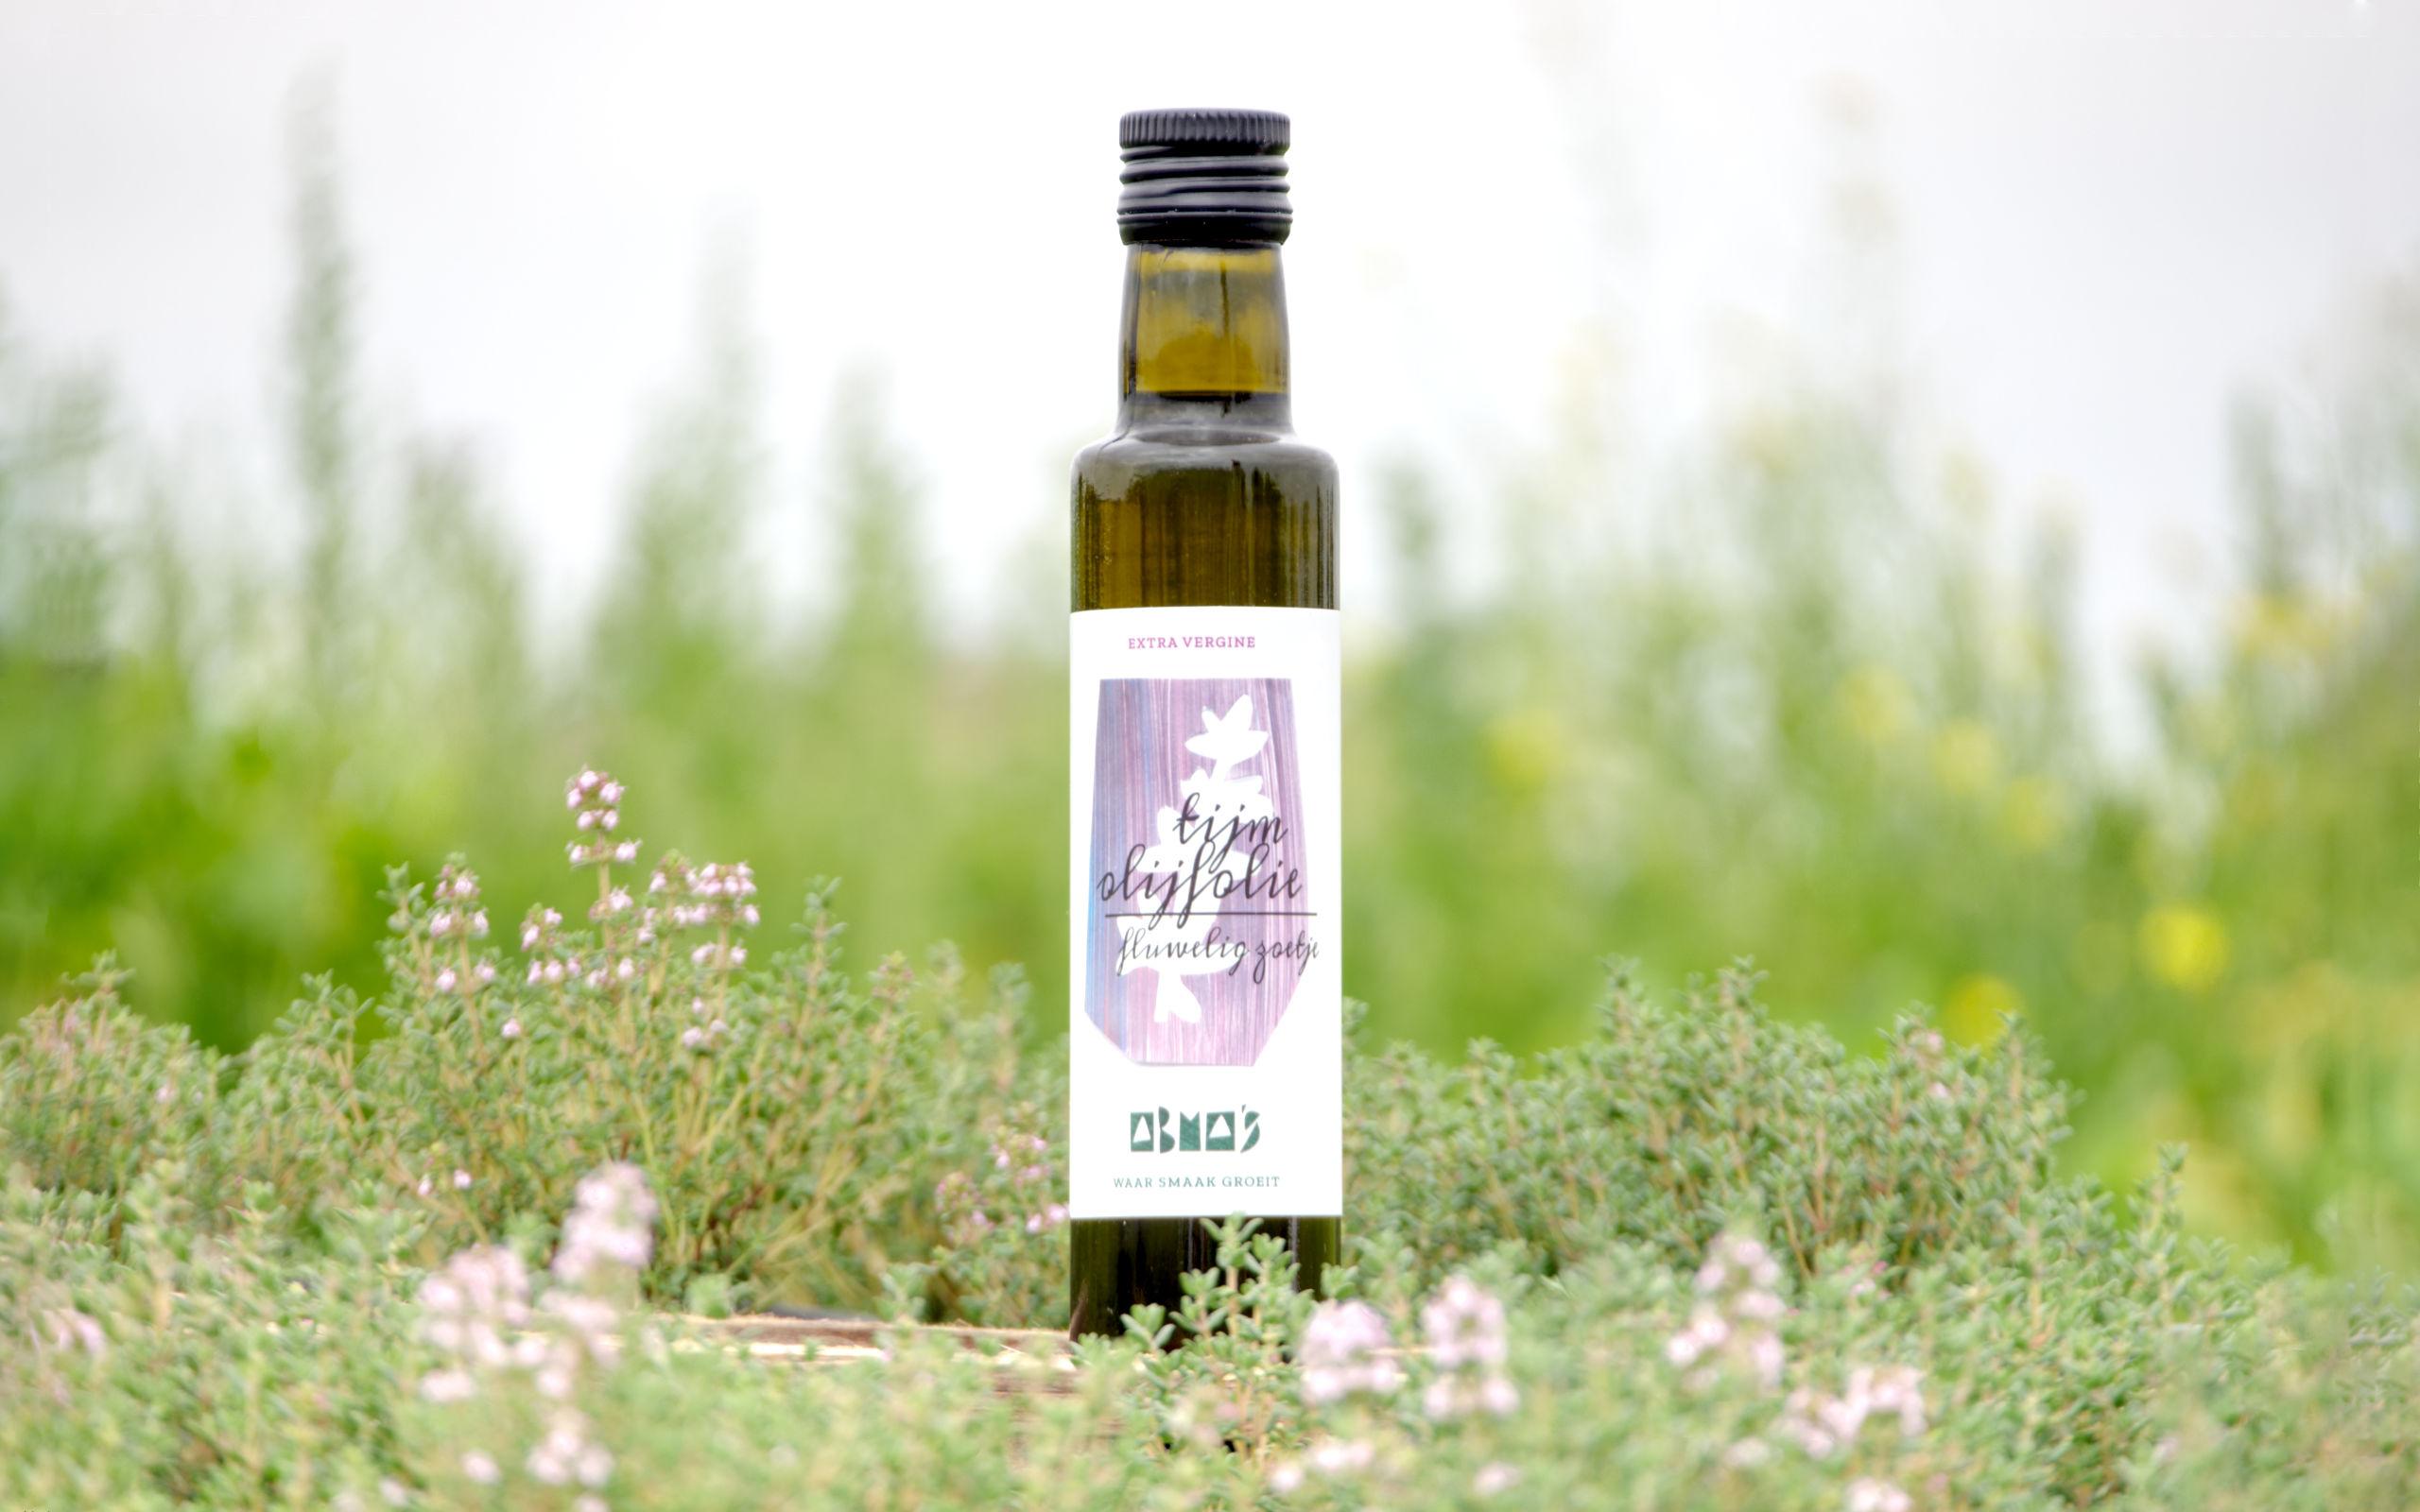 Abma's tijm olijfolie